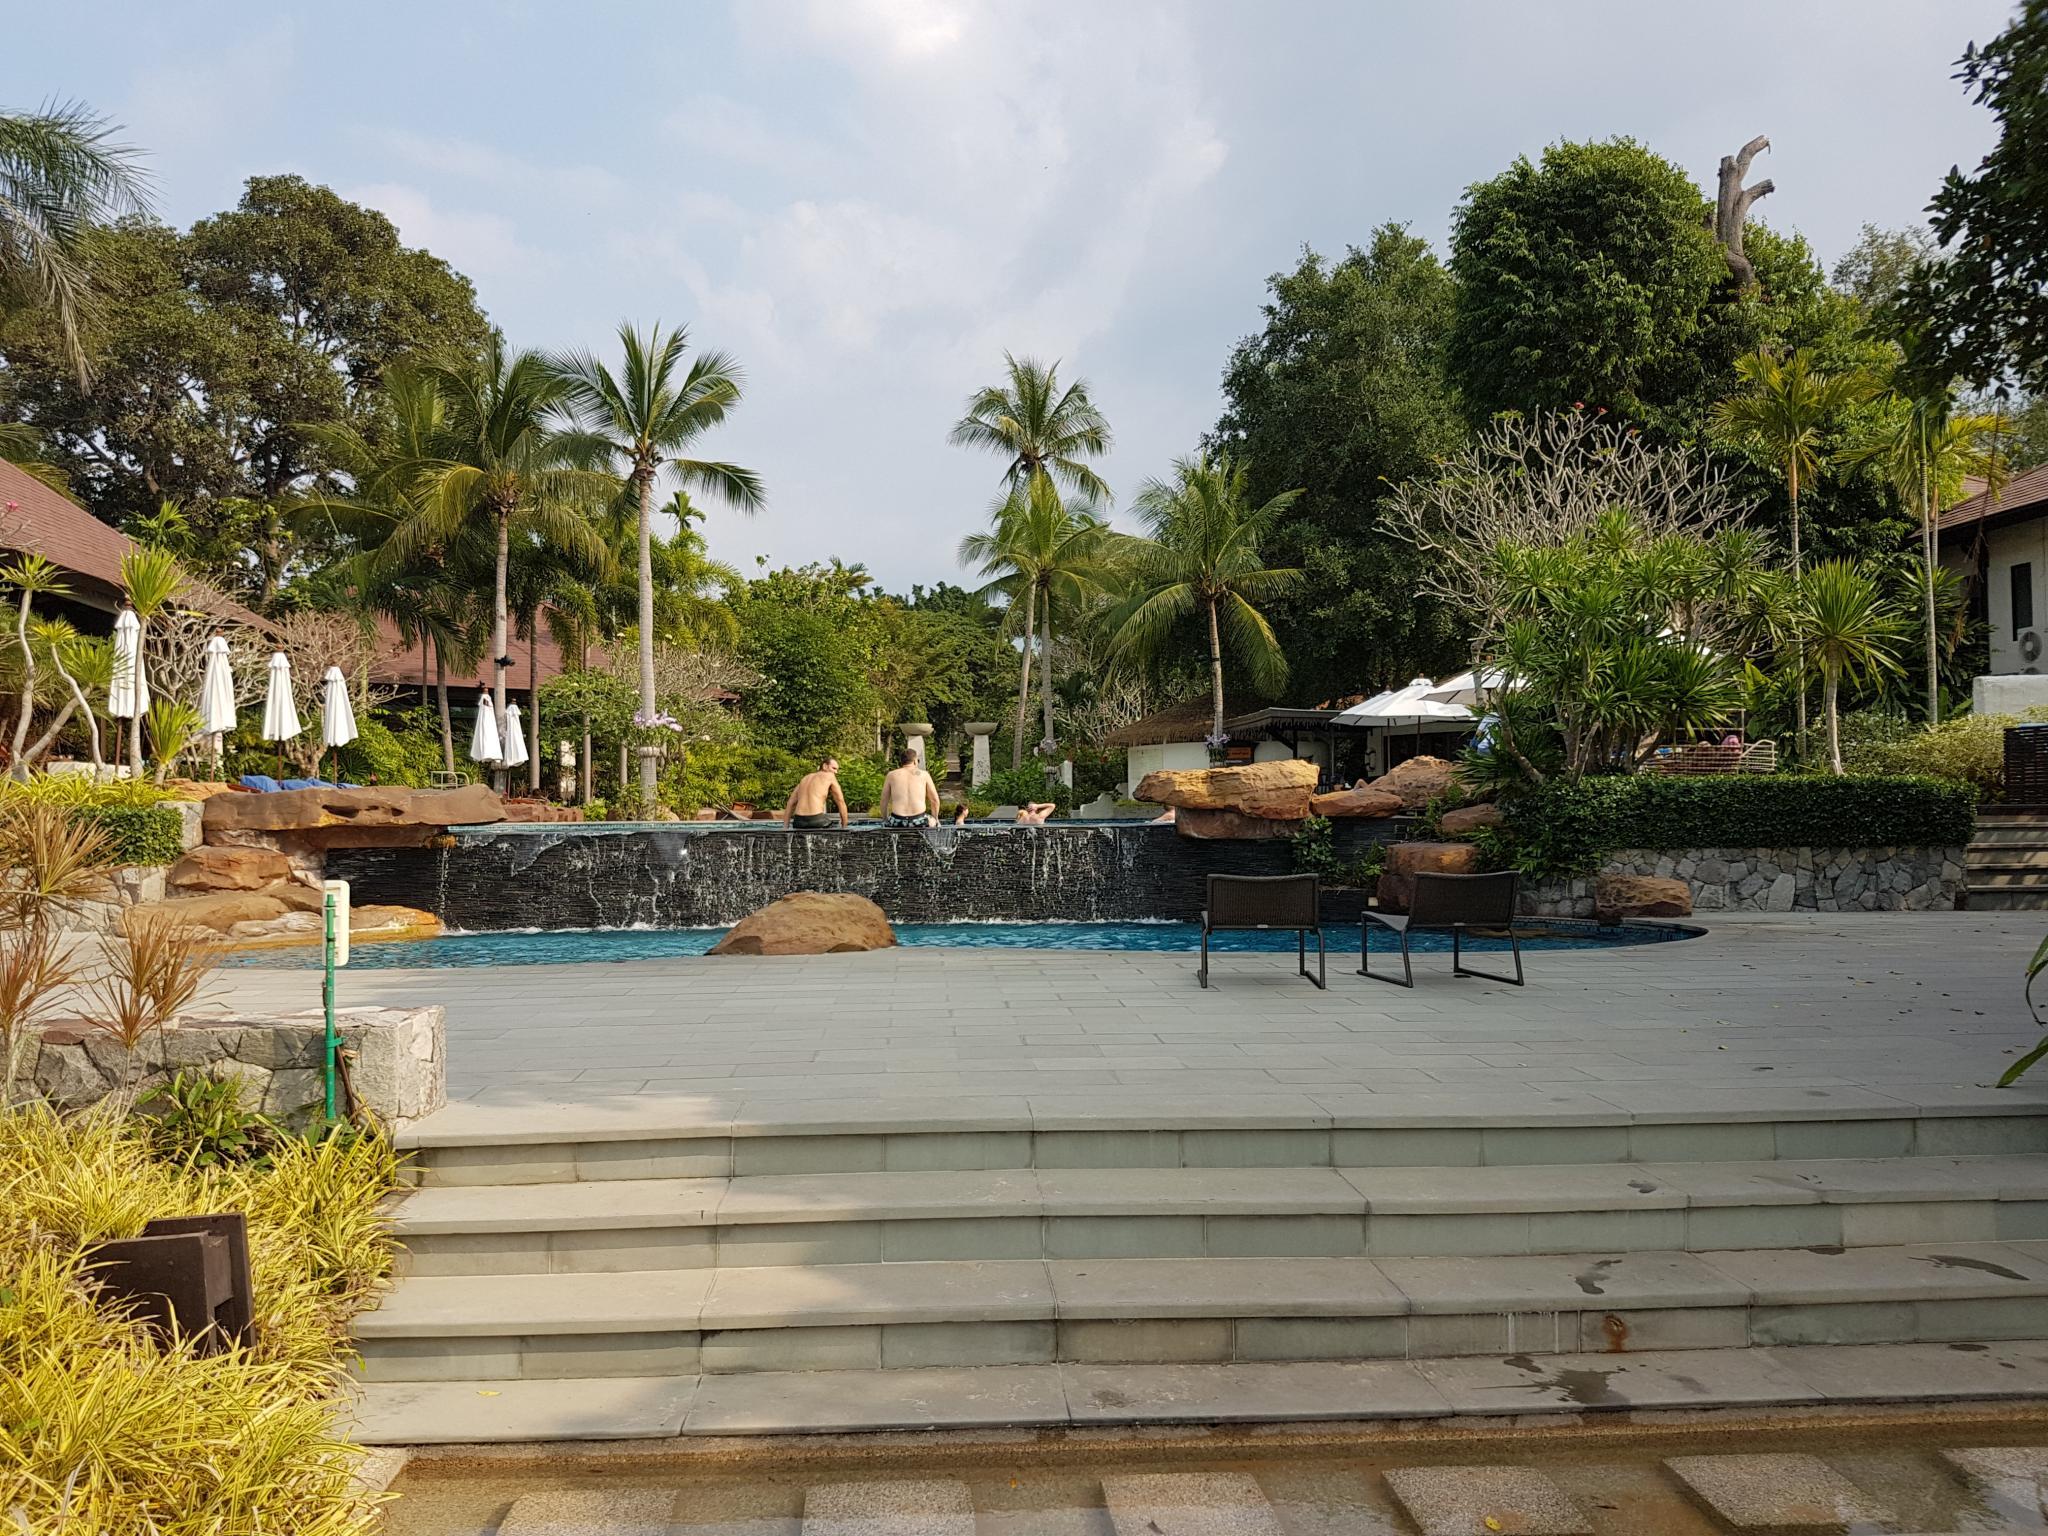 Bang Saray beach wedding & villa.-20191227_144809-jpg